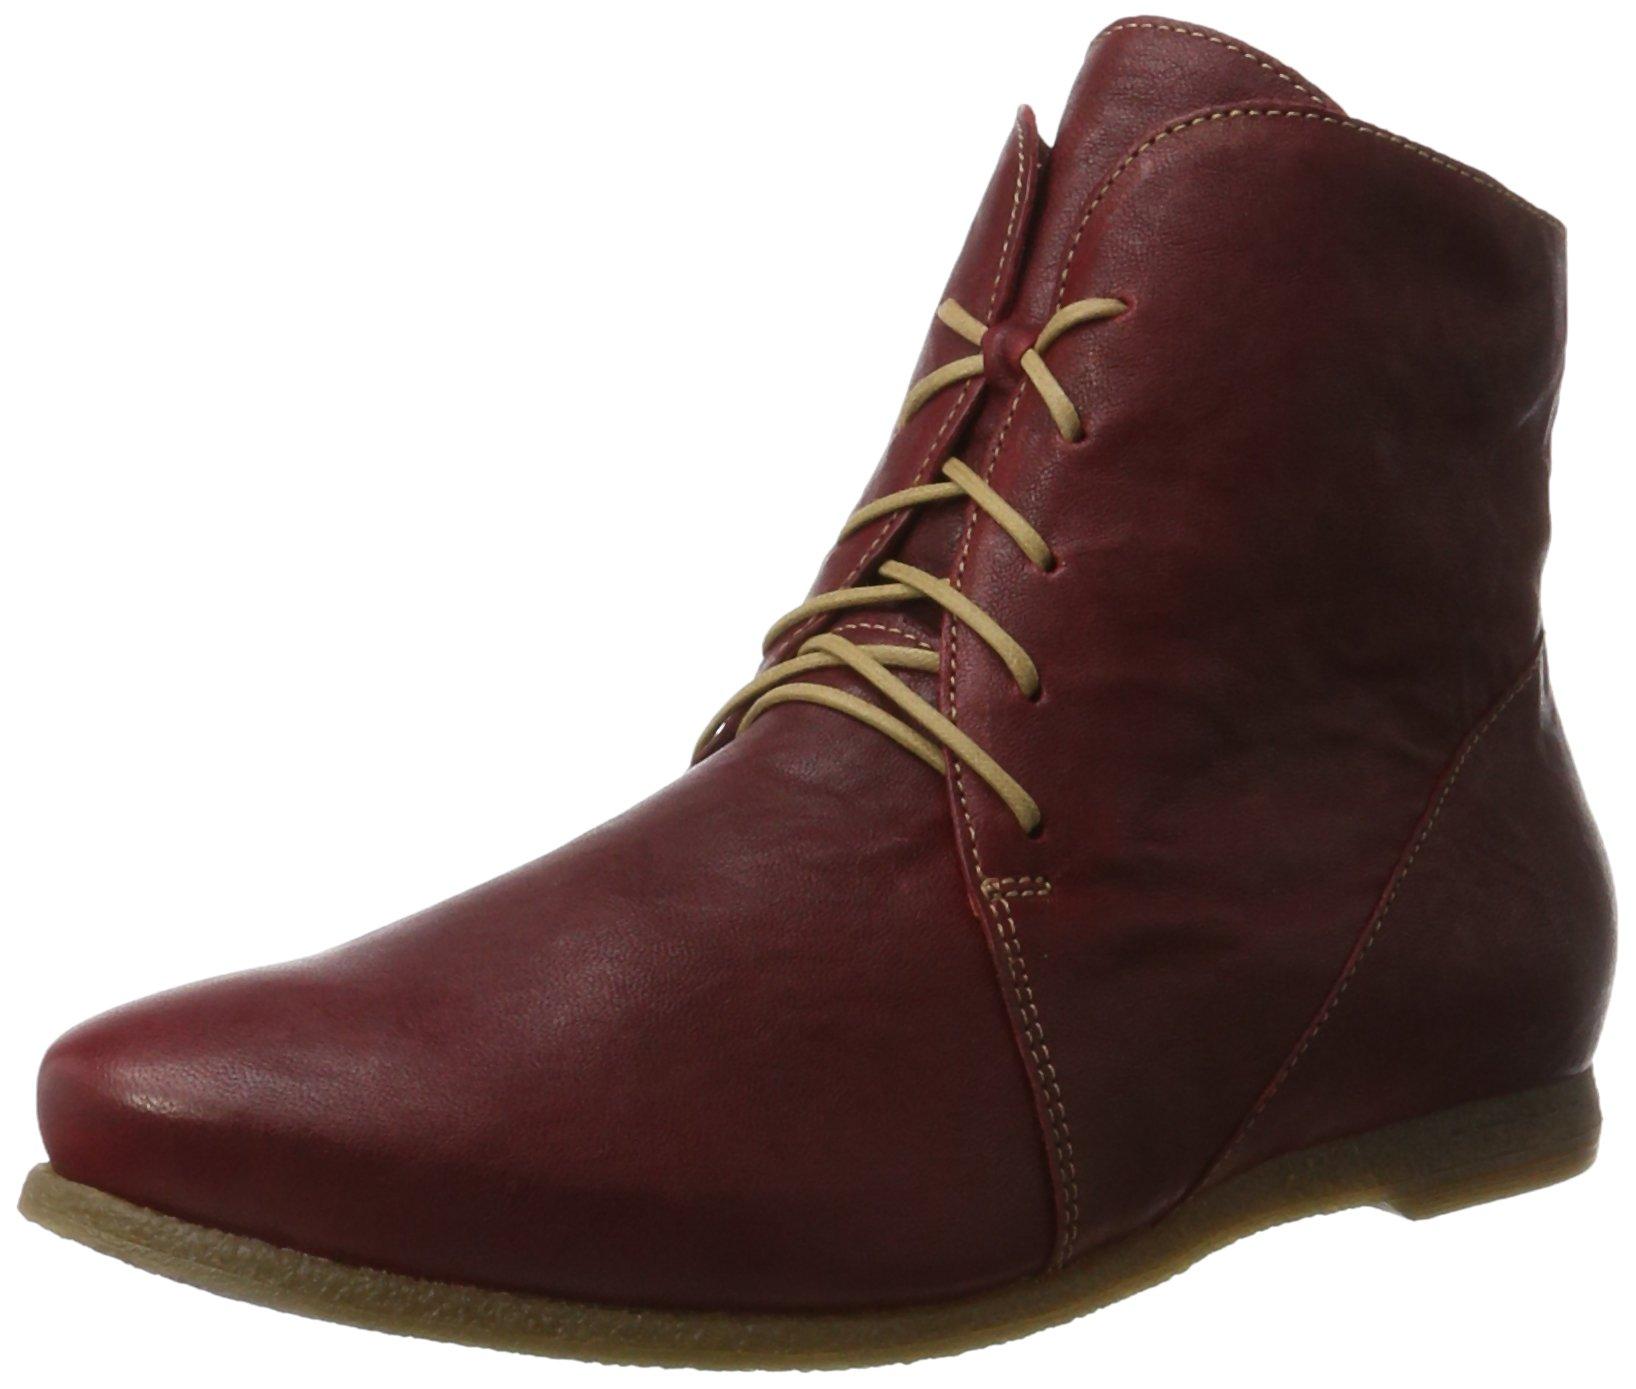 Boots kombi 7238 FemmeRougerosso Eu ThinkShuaDesert 1KTJ3Flc